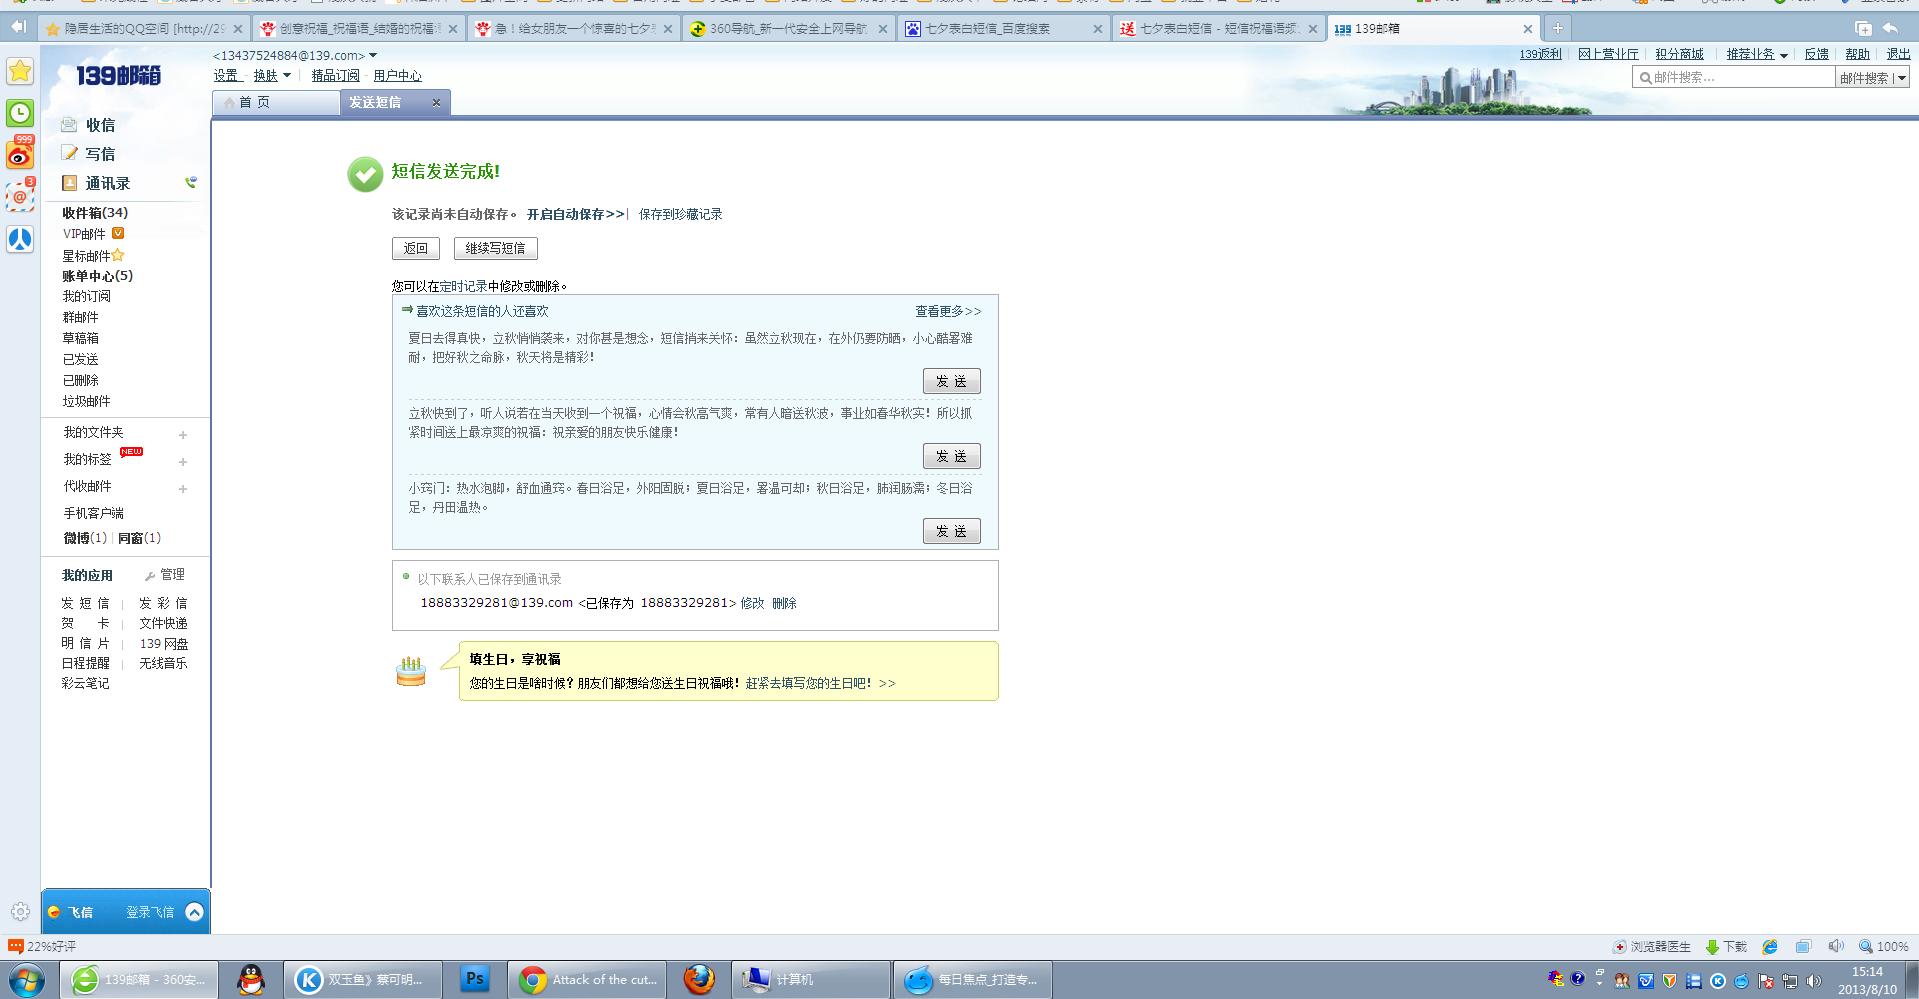 http://img4.duitang.com/uploads/item/201211/08/20121108211301_5yxKL.thumb.700_0.jpeg_weikeimg.com/data/uploads/2013/08/10/13638920905205e8b772bb4.png